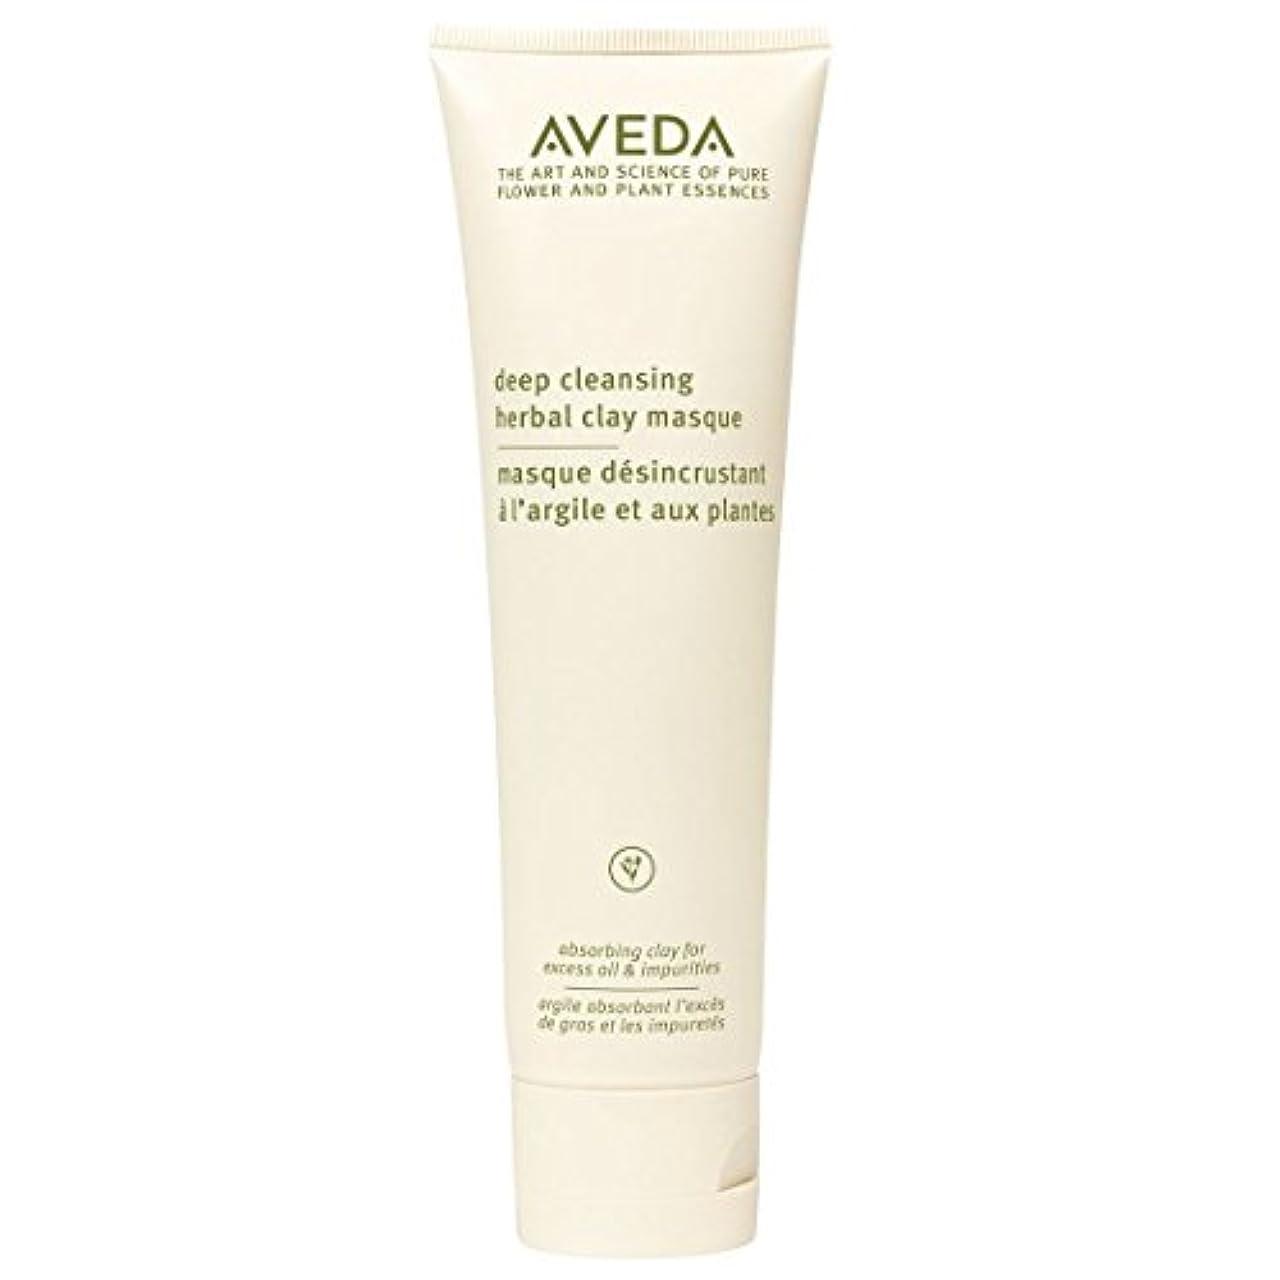 包囲原因なので[AVEDA] アヴェダディープクレンジングハーブ粘土仮面の125グラム - Aveda Deep Cleansing Herbal Clay Masque 125g [並行輸入品]